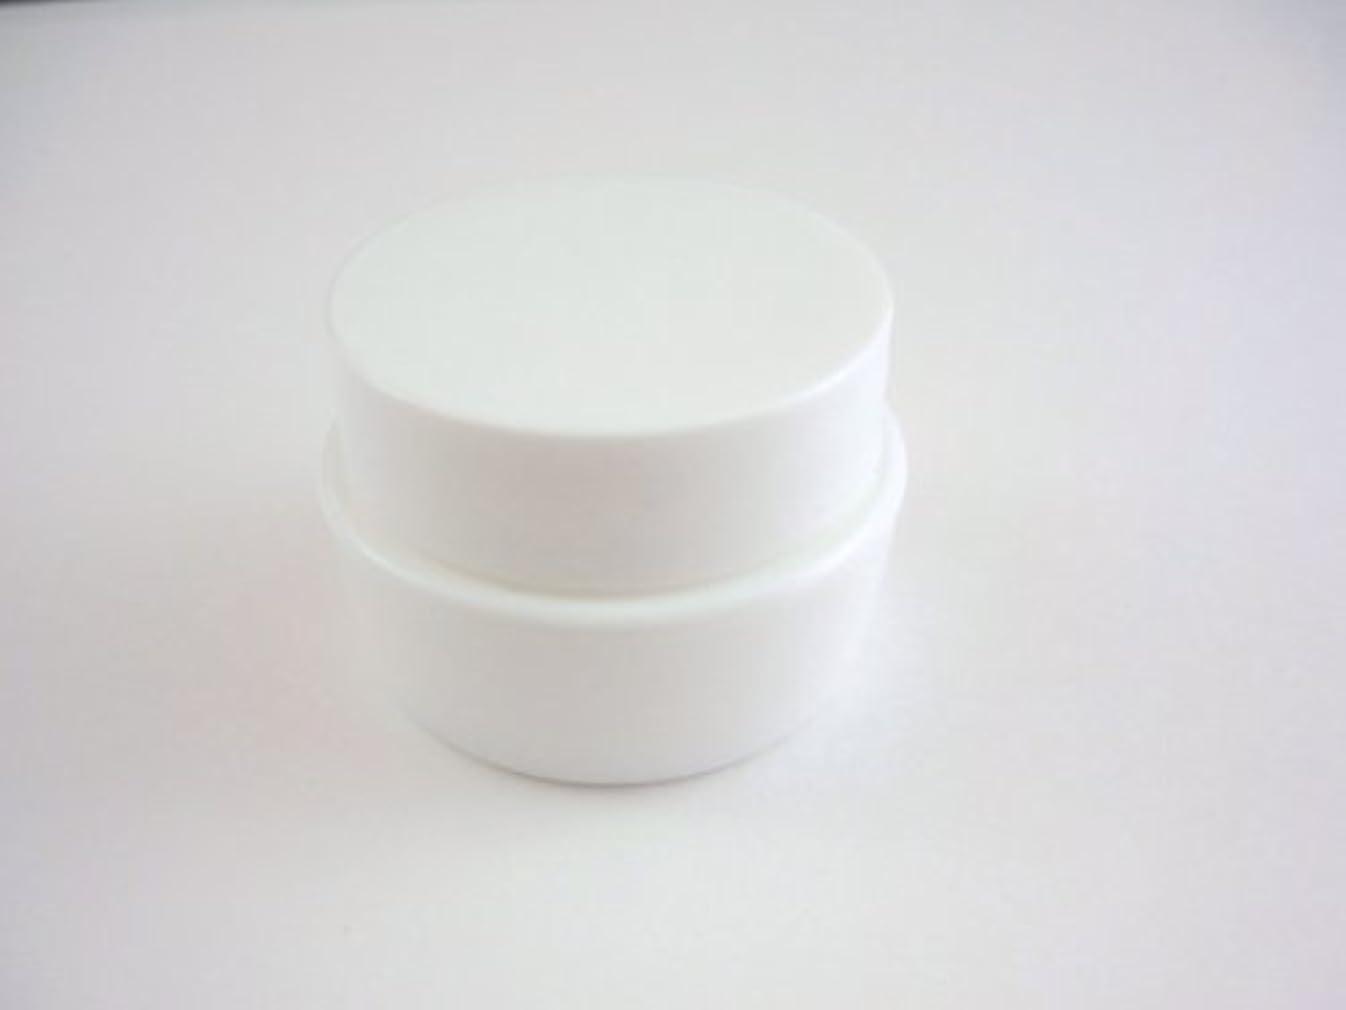 ツイン限界導体ジェル空容器 3ml   ホワイト 10個セット